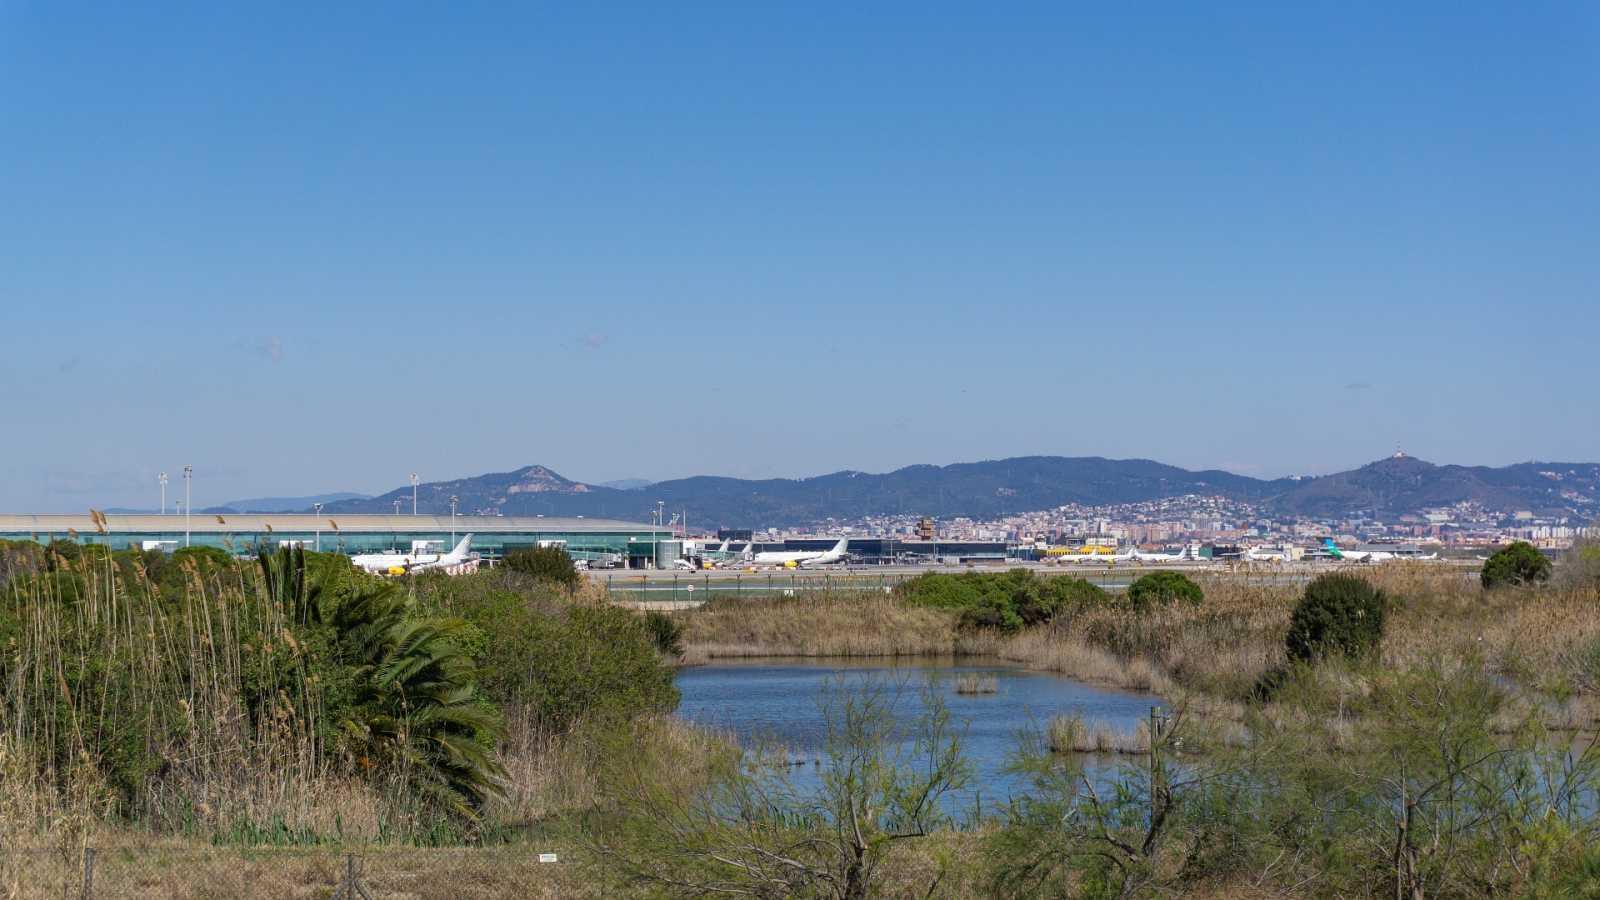 El Gobierno suspende la ampliación de El Prat